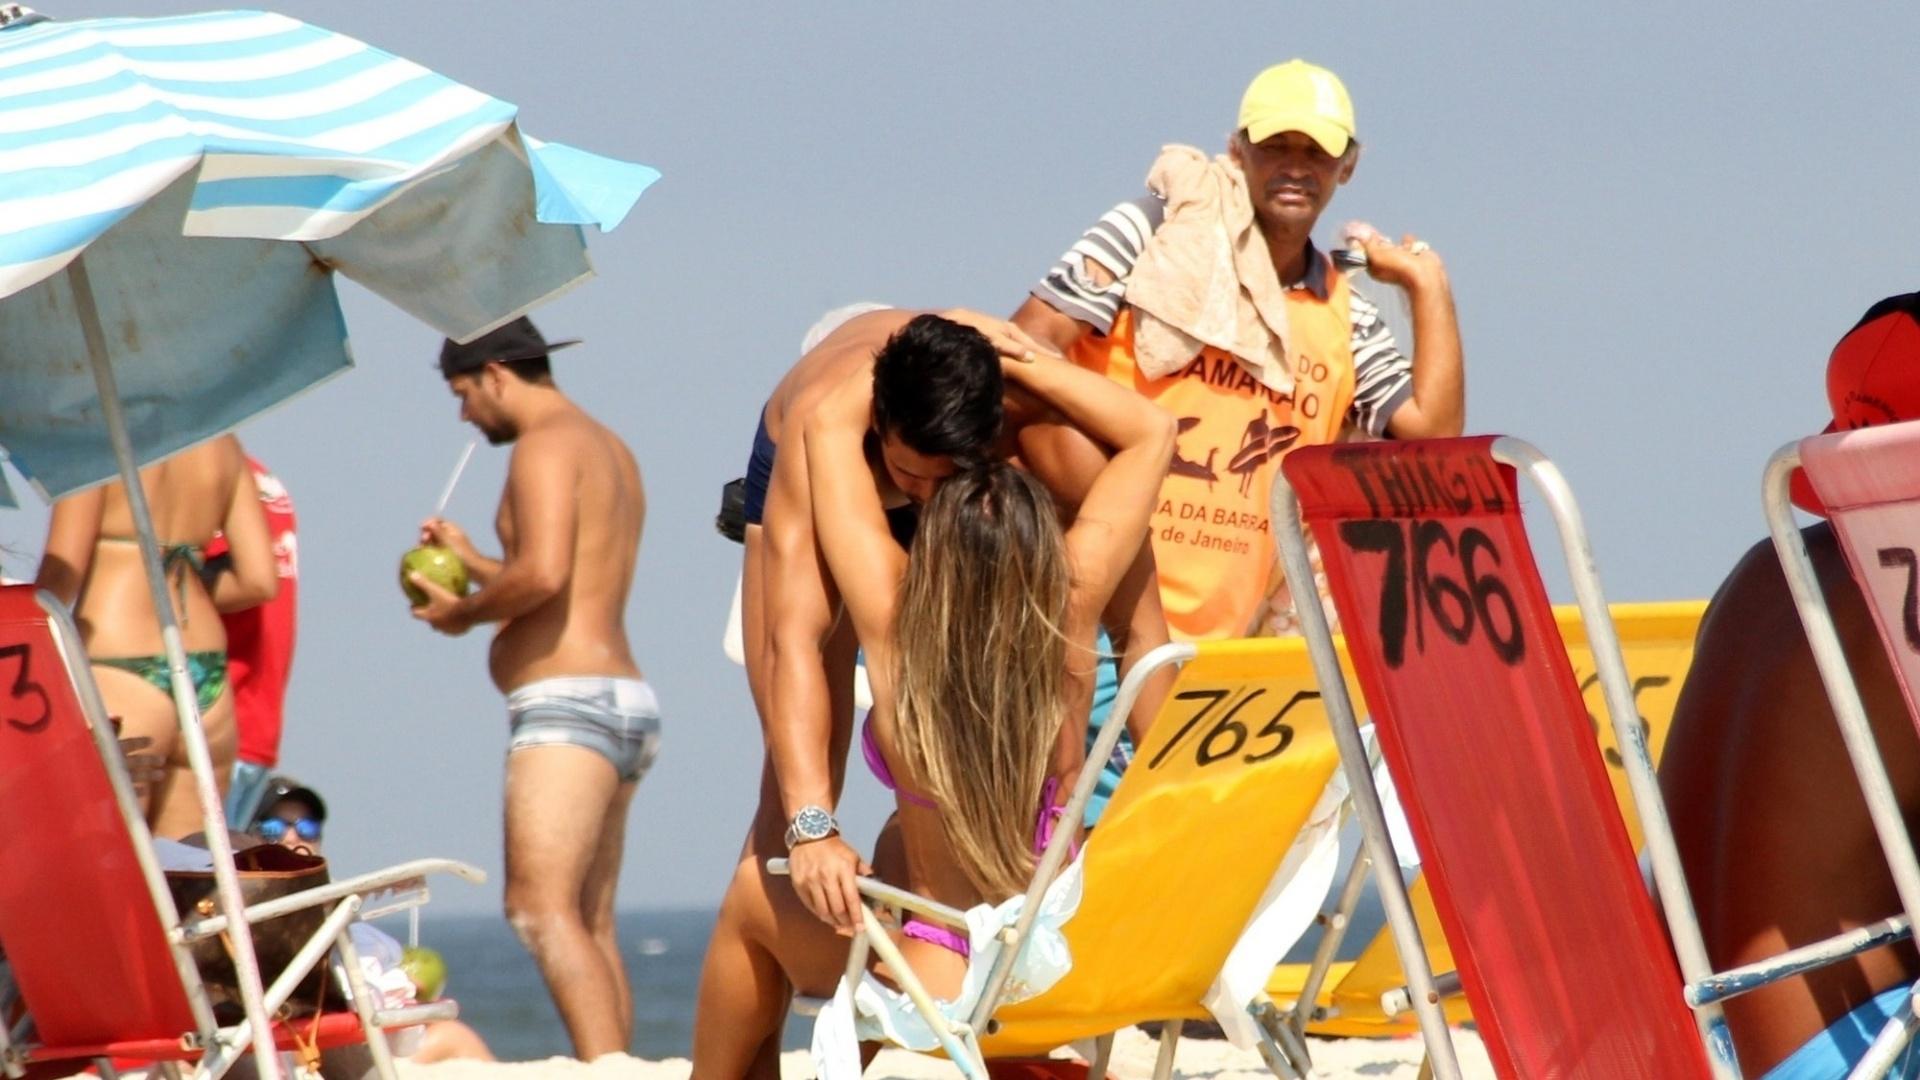 13.abr.2016 - A modelo e repórter Nicole Bahls não largou o noivo Marcelo enquanto curtia a praia no Rio de Janeiro